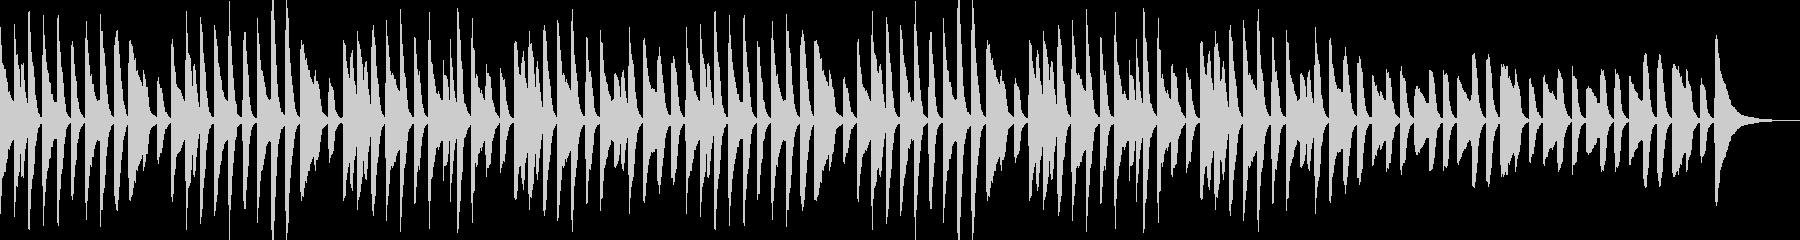 YouTube・日常・会話・ピアノソロの未再生の波形